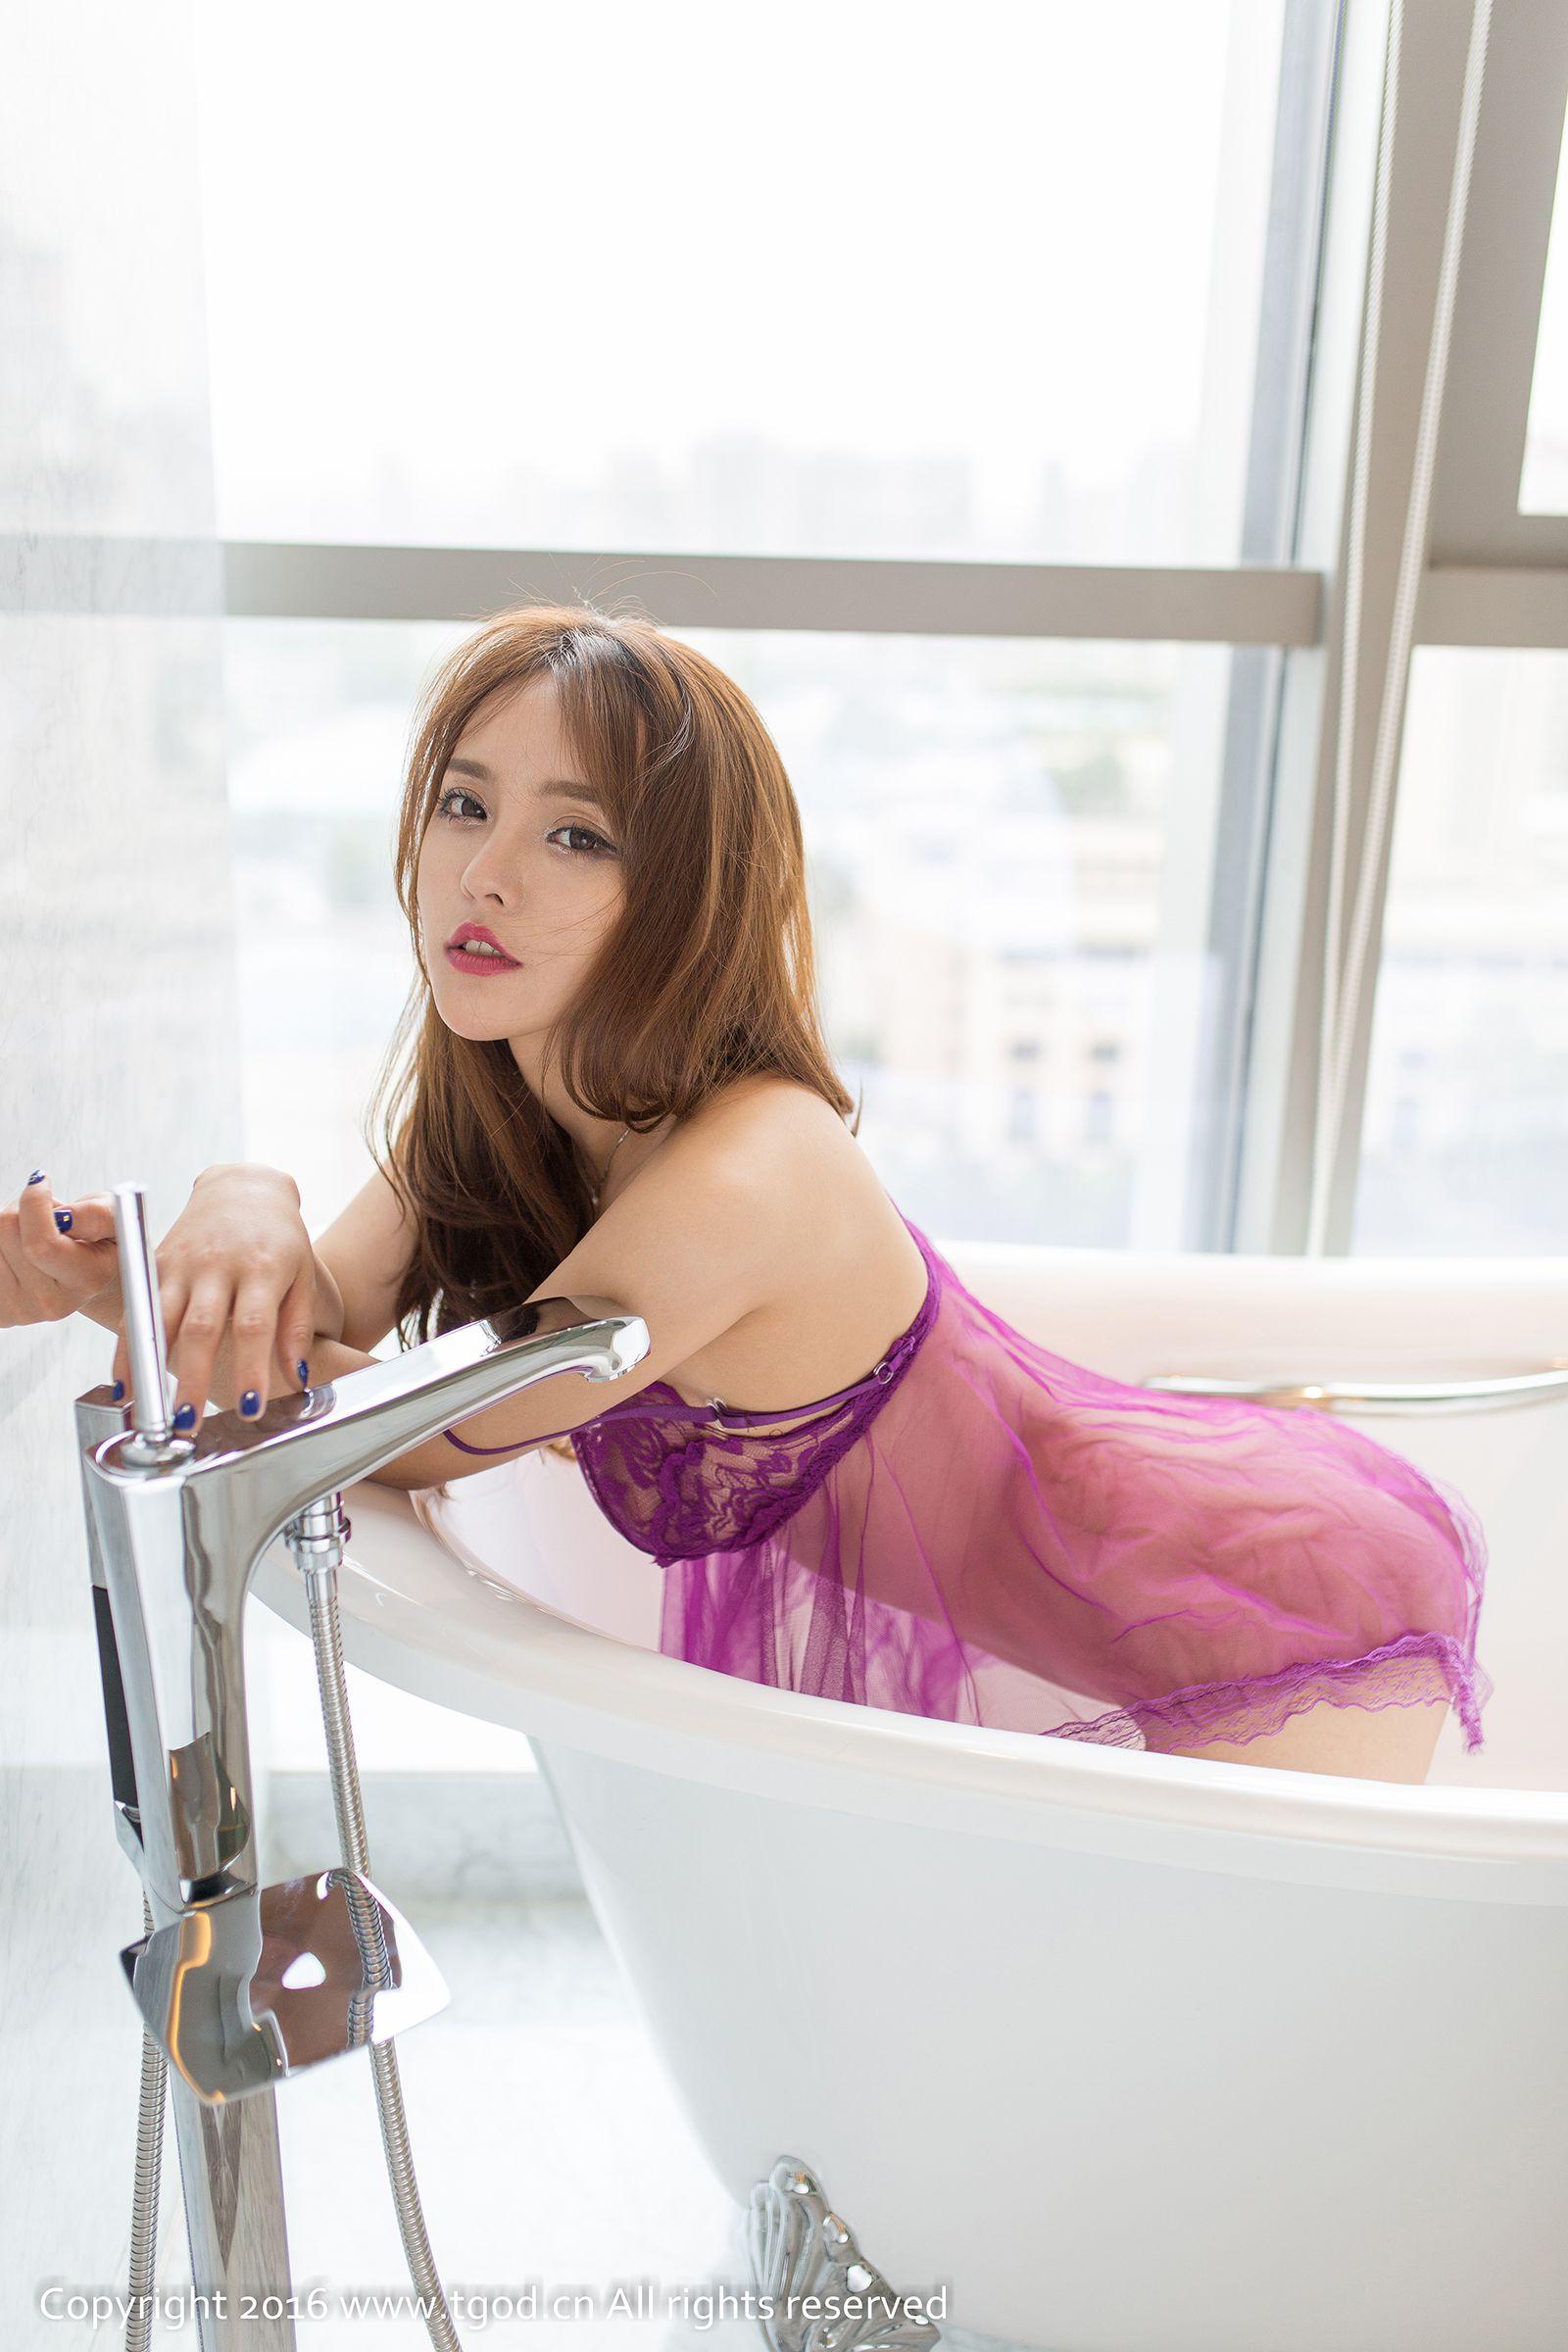 [尤蜜荟] 珍妮花 ~ 极度诱惑[55P]